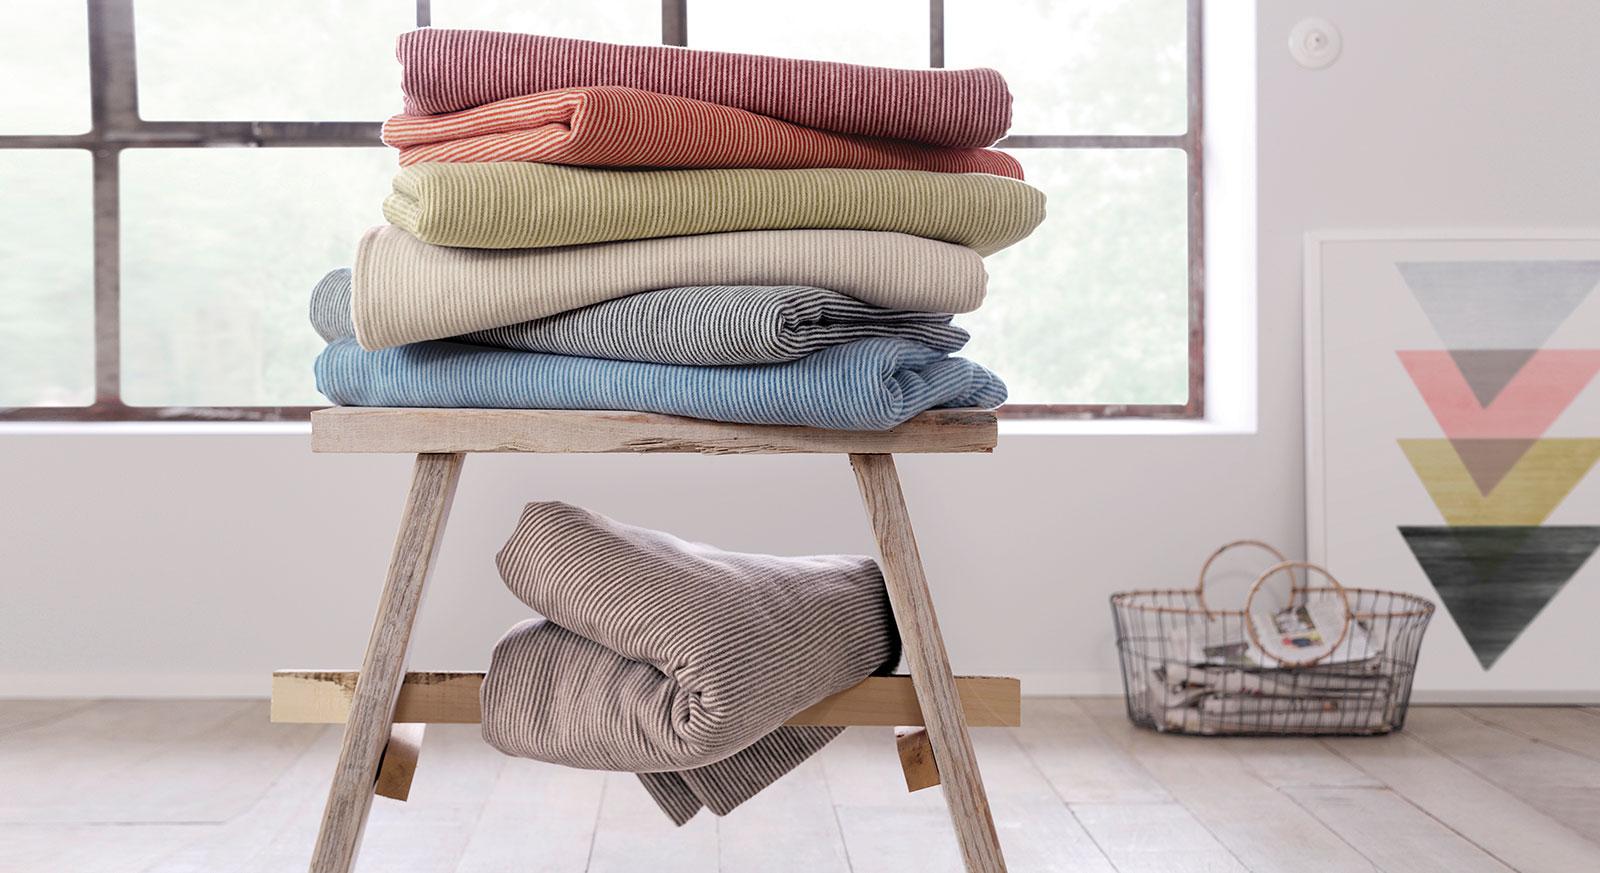 Bio Kuscheldecke Uni-Stripe aus reiner Baumwolle